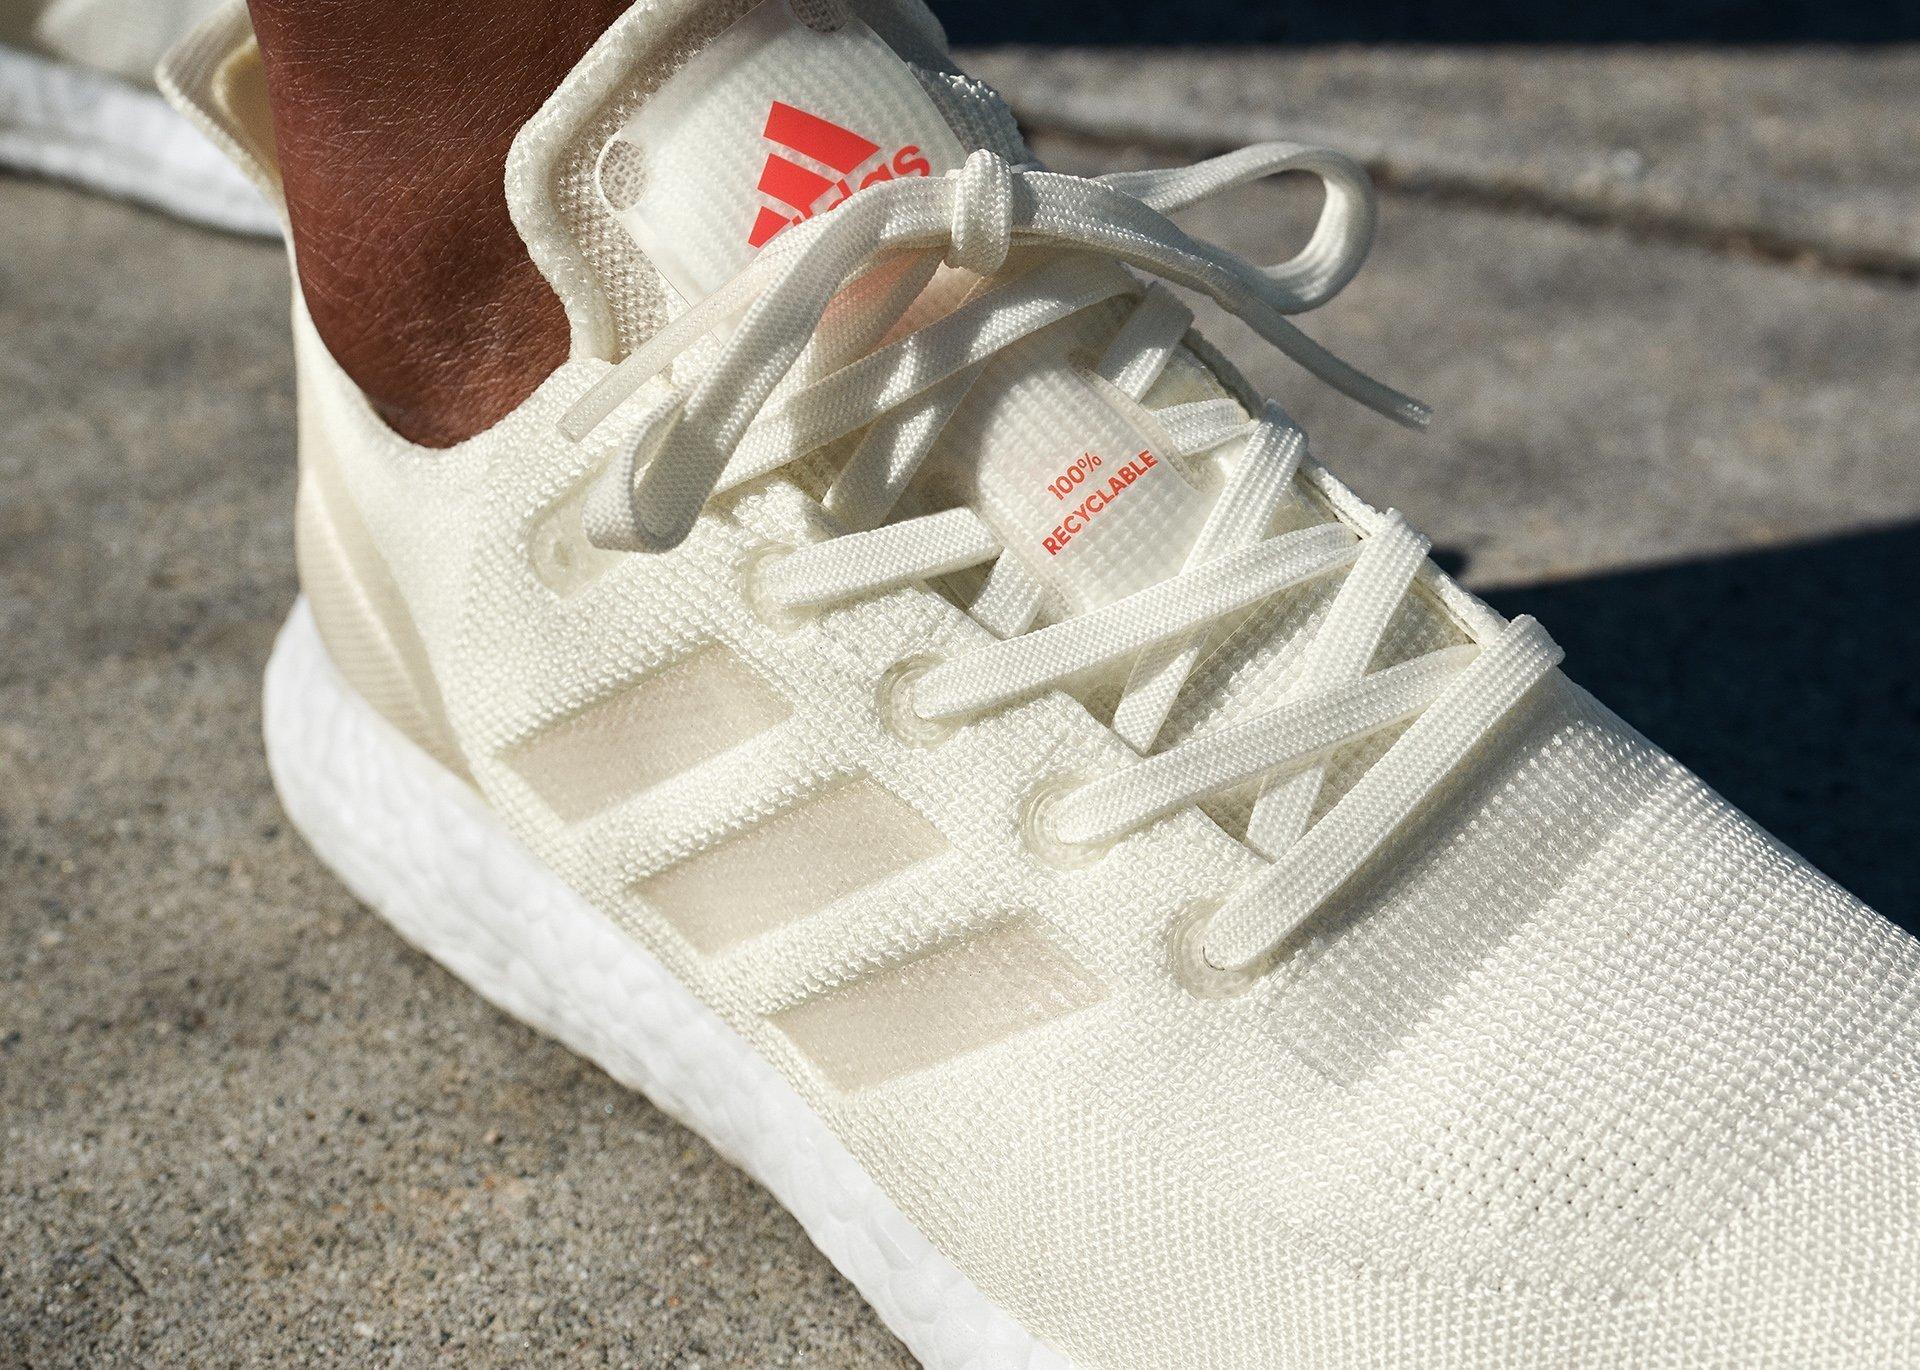 adidas Tek Ham Madde Kullanarak Geri Dönüştürebilir Ayakkabı Üretti